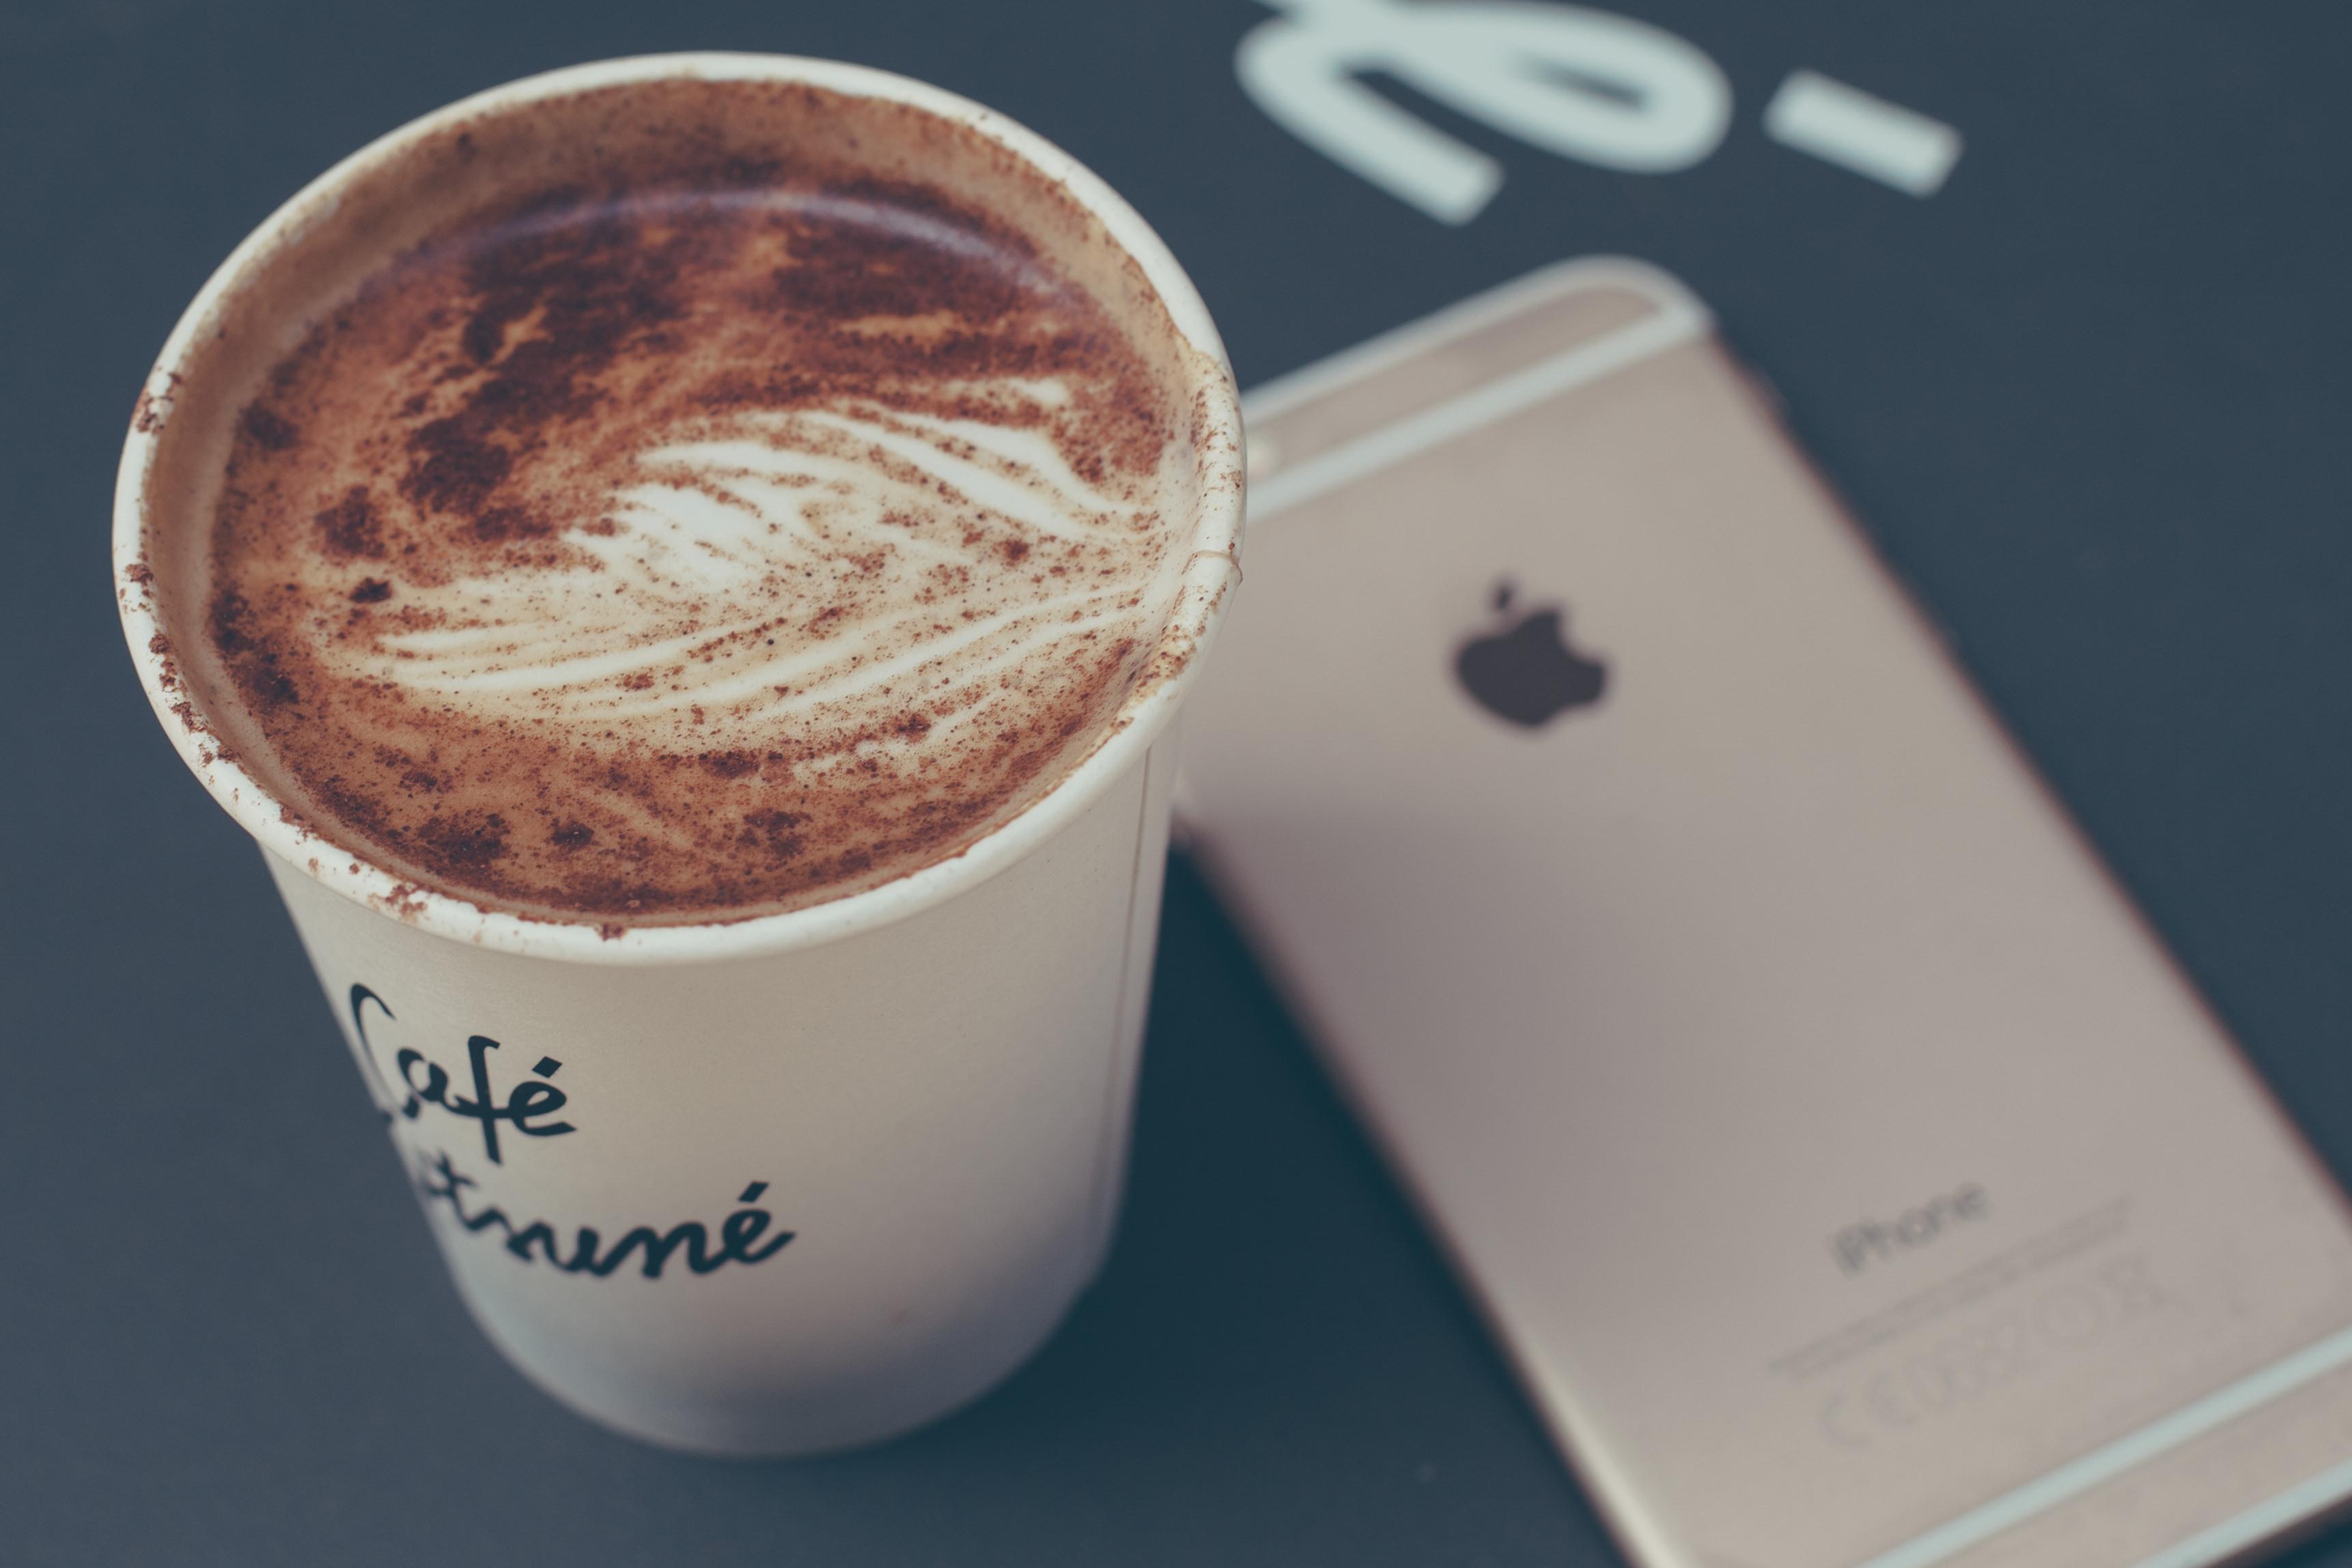 обои на телефон айфон чашка кофе читайте советы стилистов